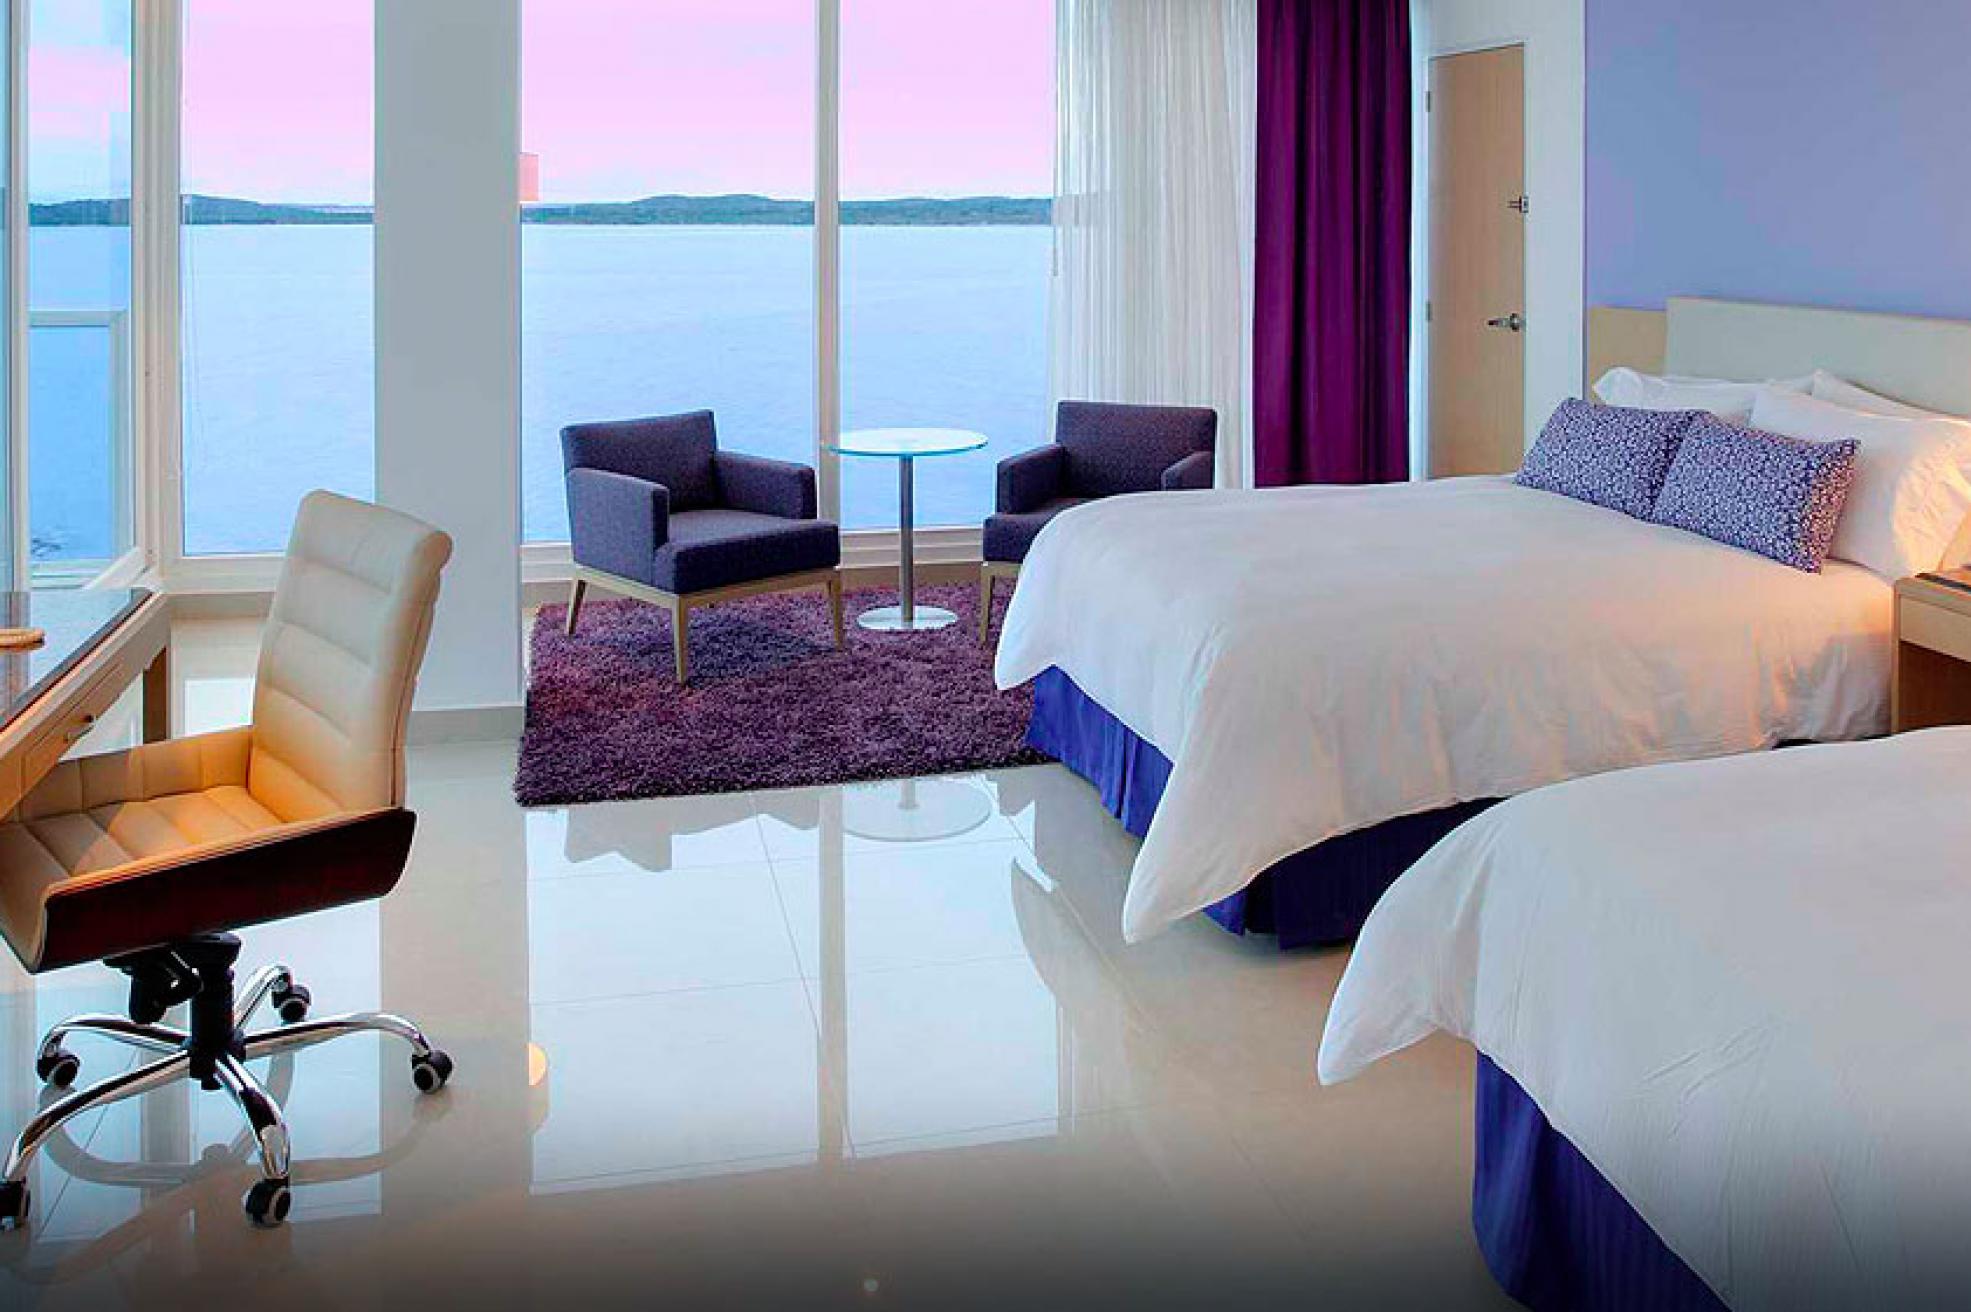 Hotel y resort hilton cartagena en colombia for Habitaciones hoteles